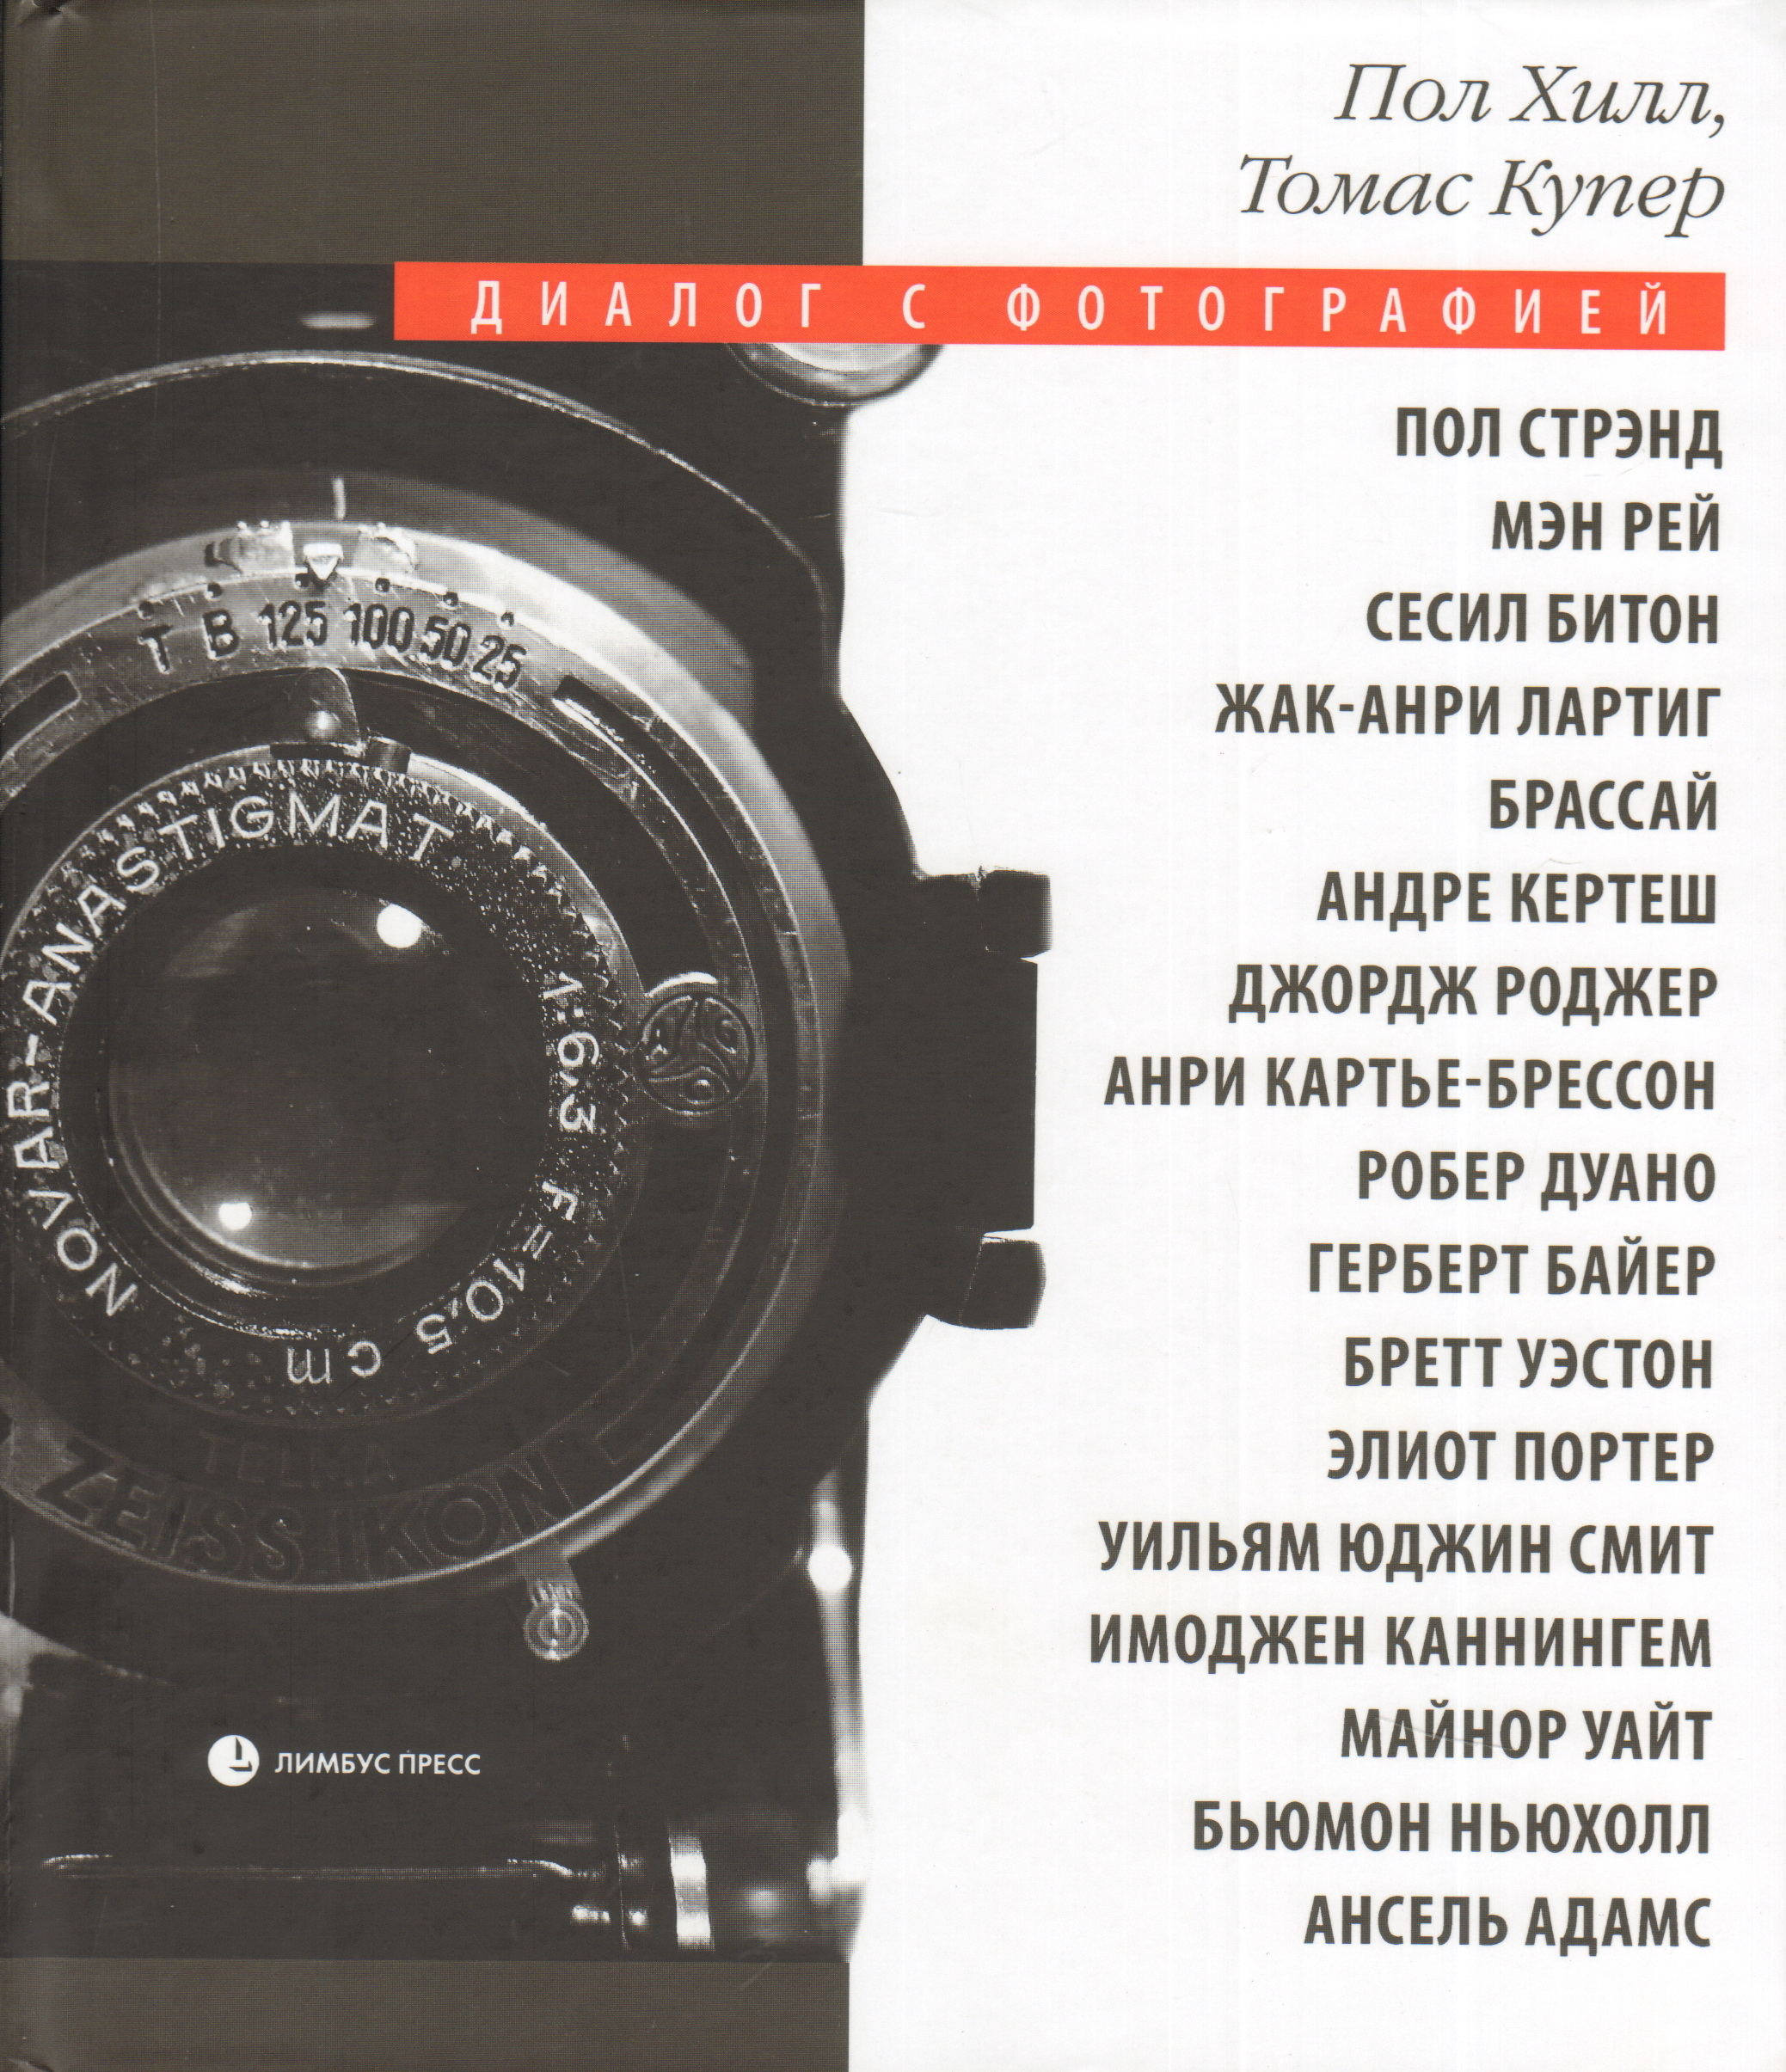 Диалог с фотографией (2 издан.)